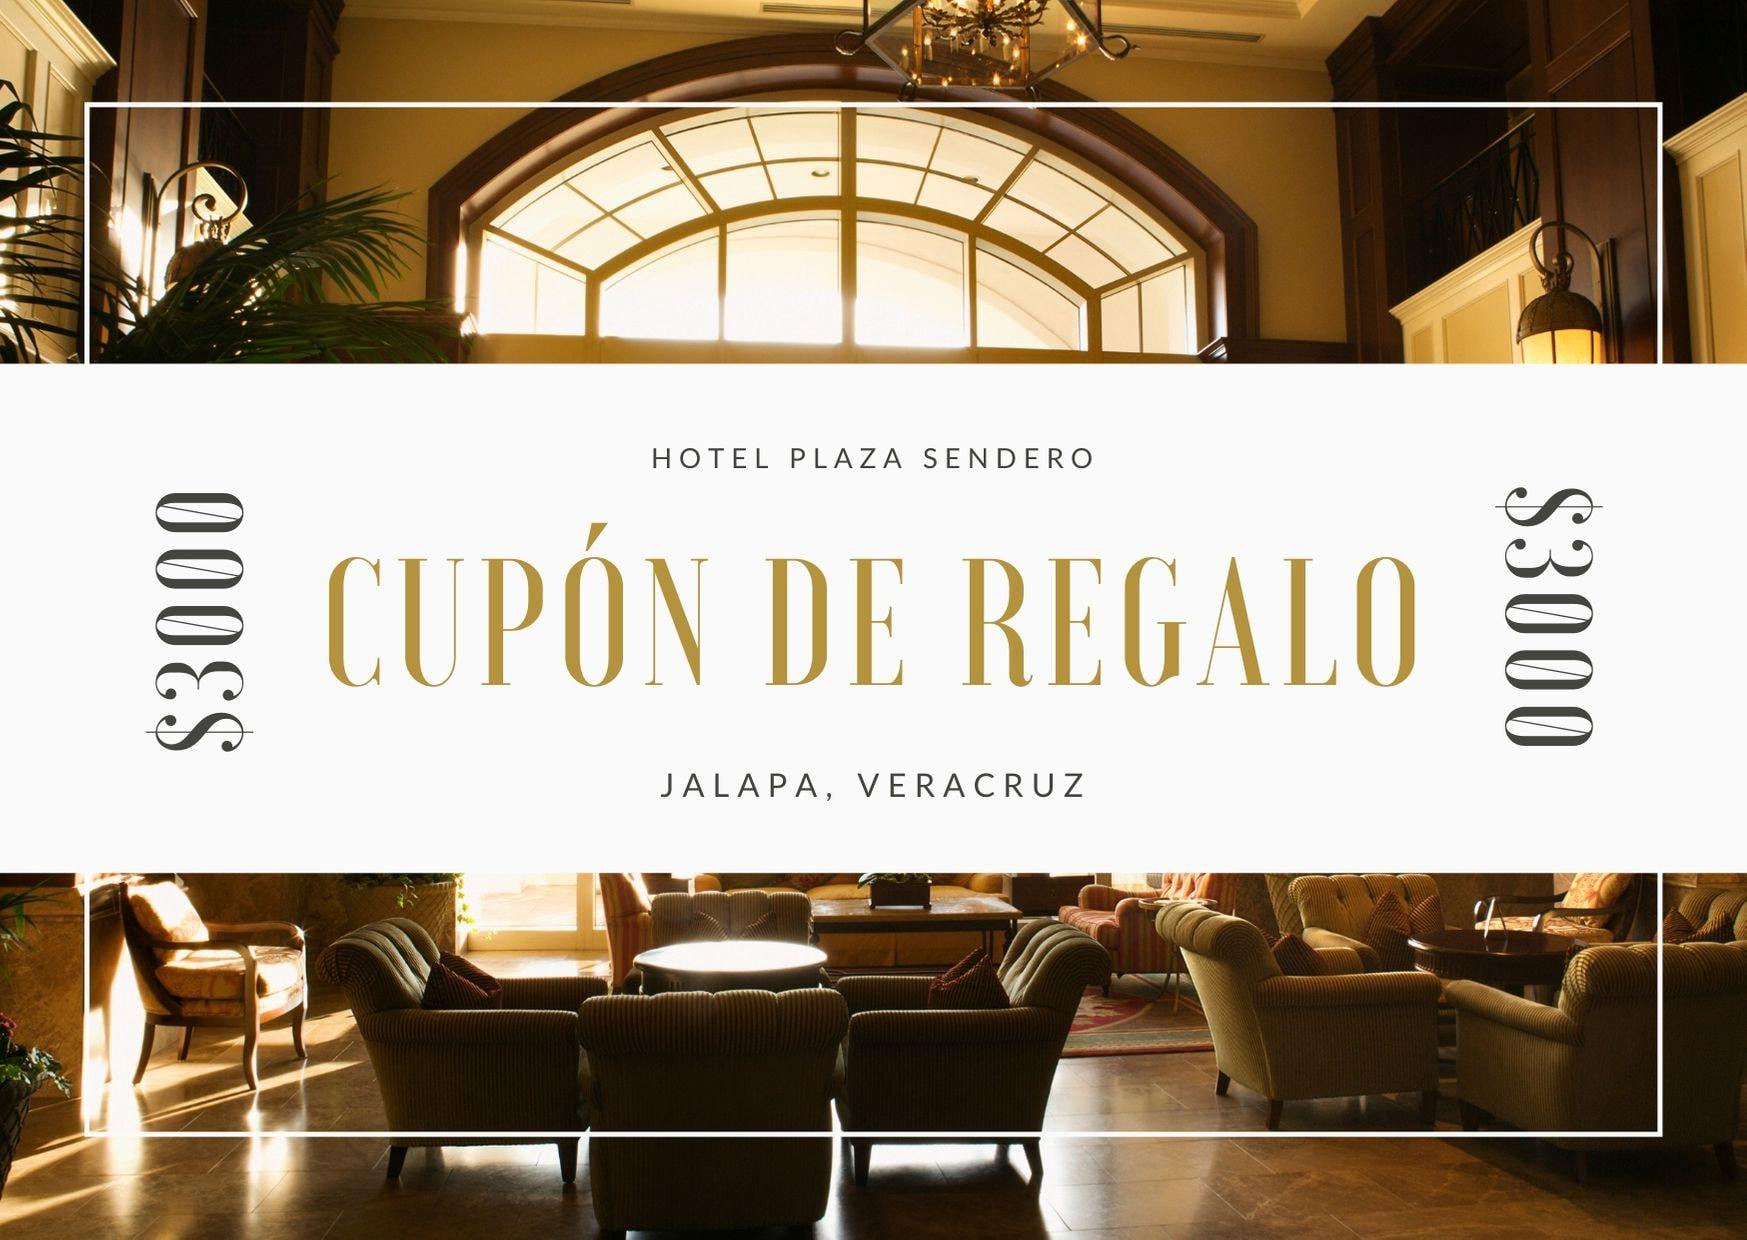 Moderno Foto Borde Hotel Certificado de Regalo